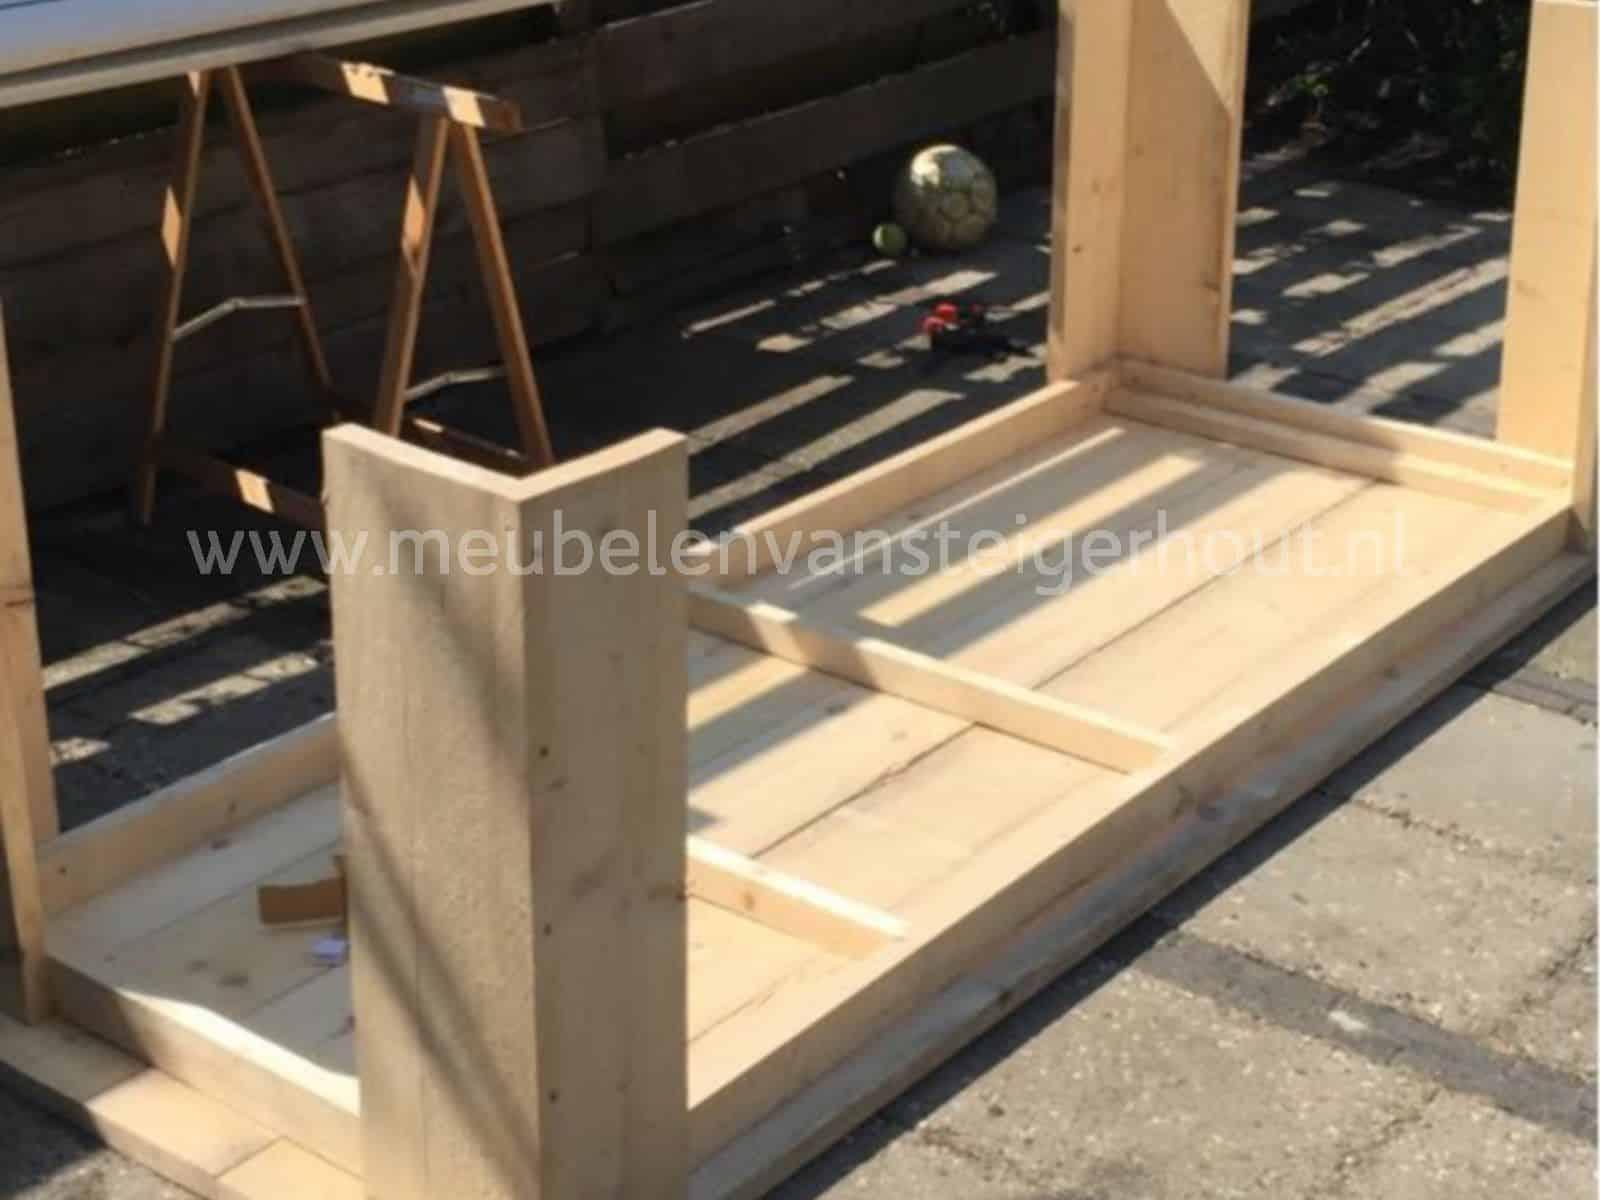 Doe het zelf tafel 100 cm breed meubelen van steigerhout for Zelf tafel maken hout